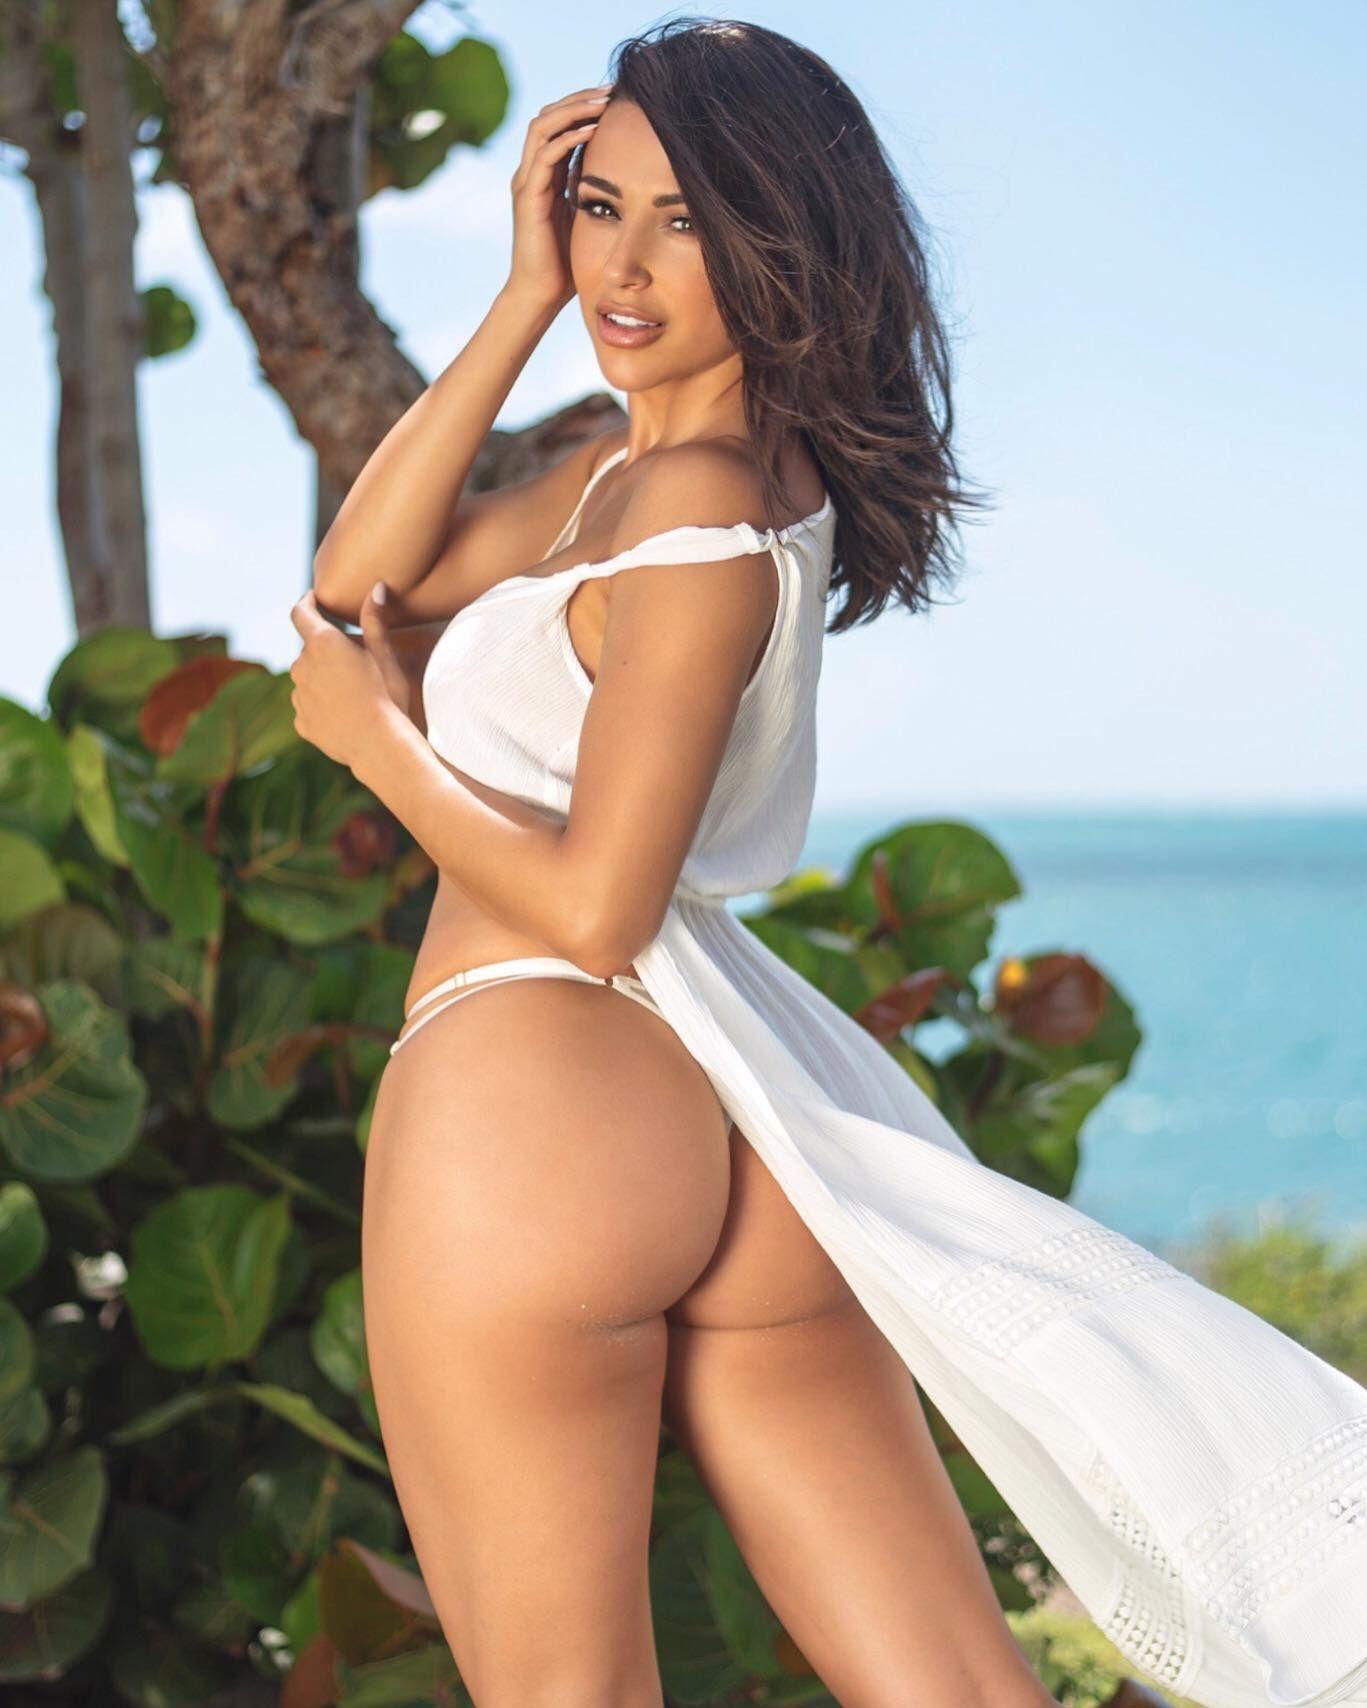 Ana Cheri Nude Video 54 best ana cheri images   ana cheri, women, model